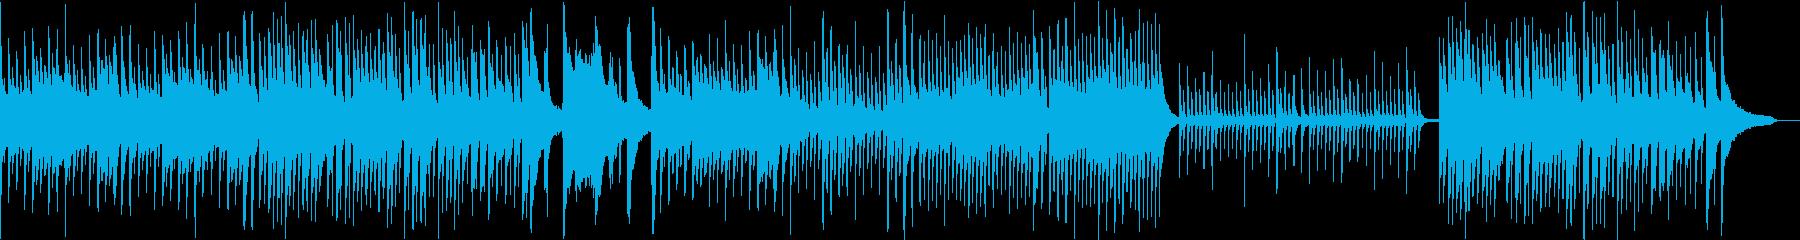 考え事してるようなピアノ曲の再生済みの波形